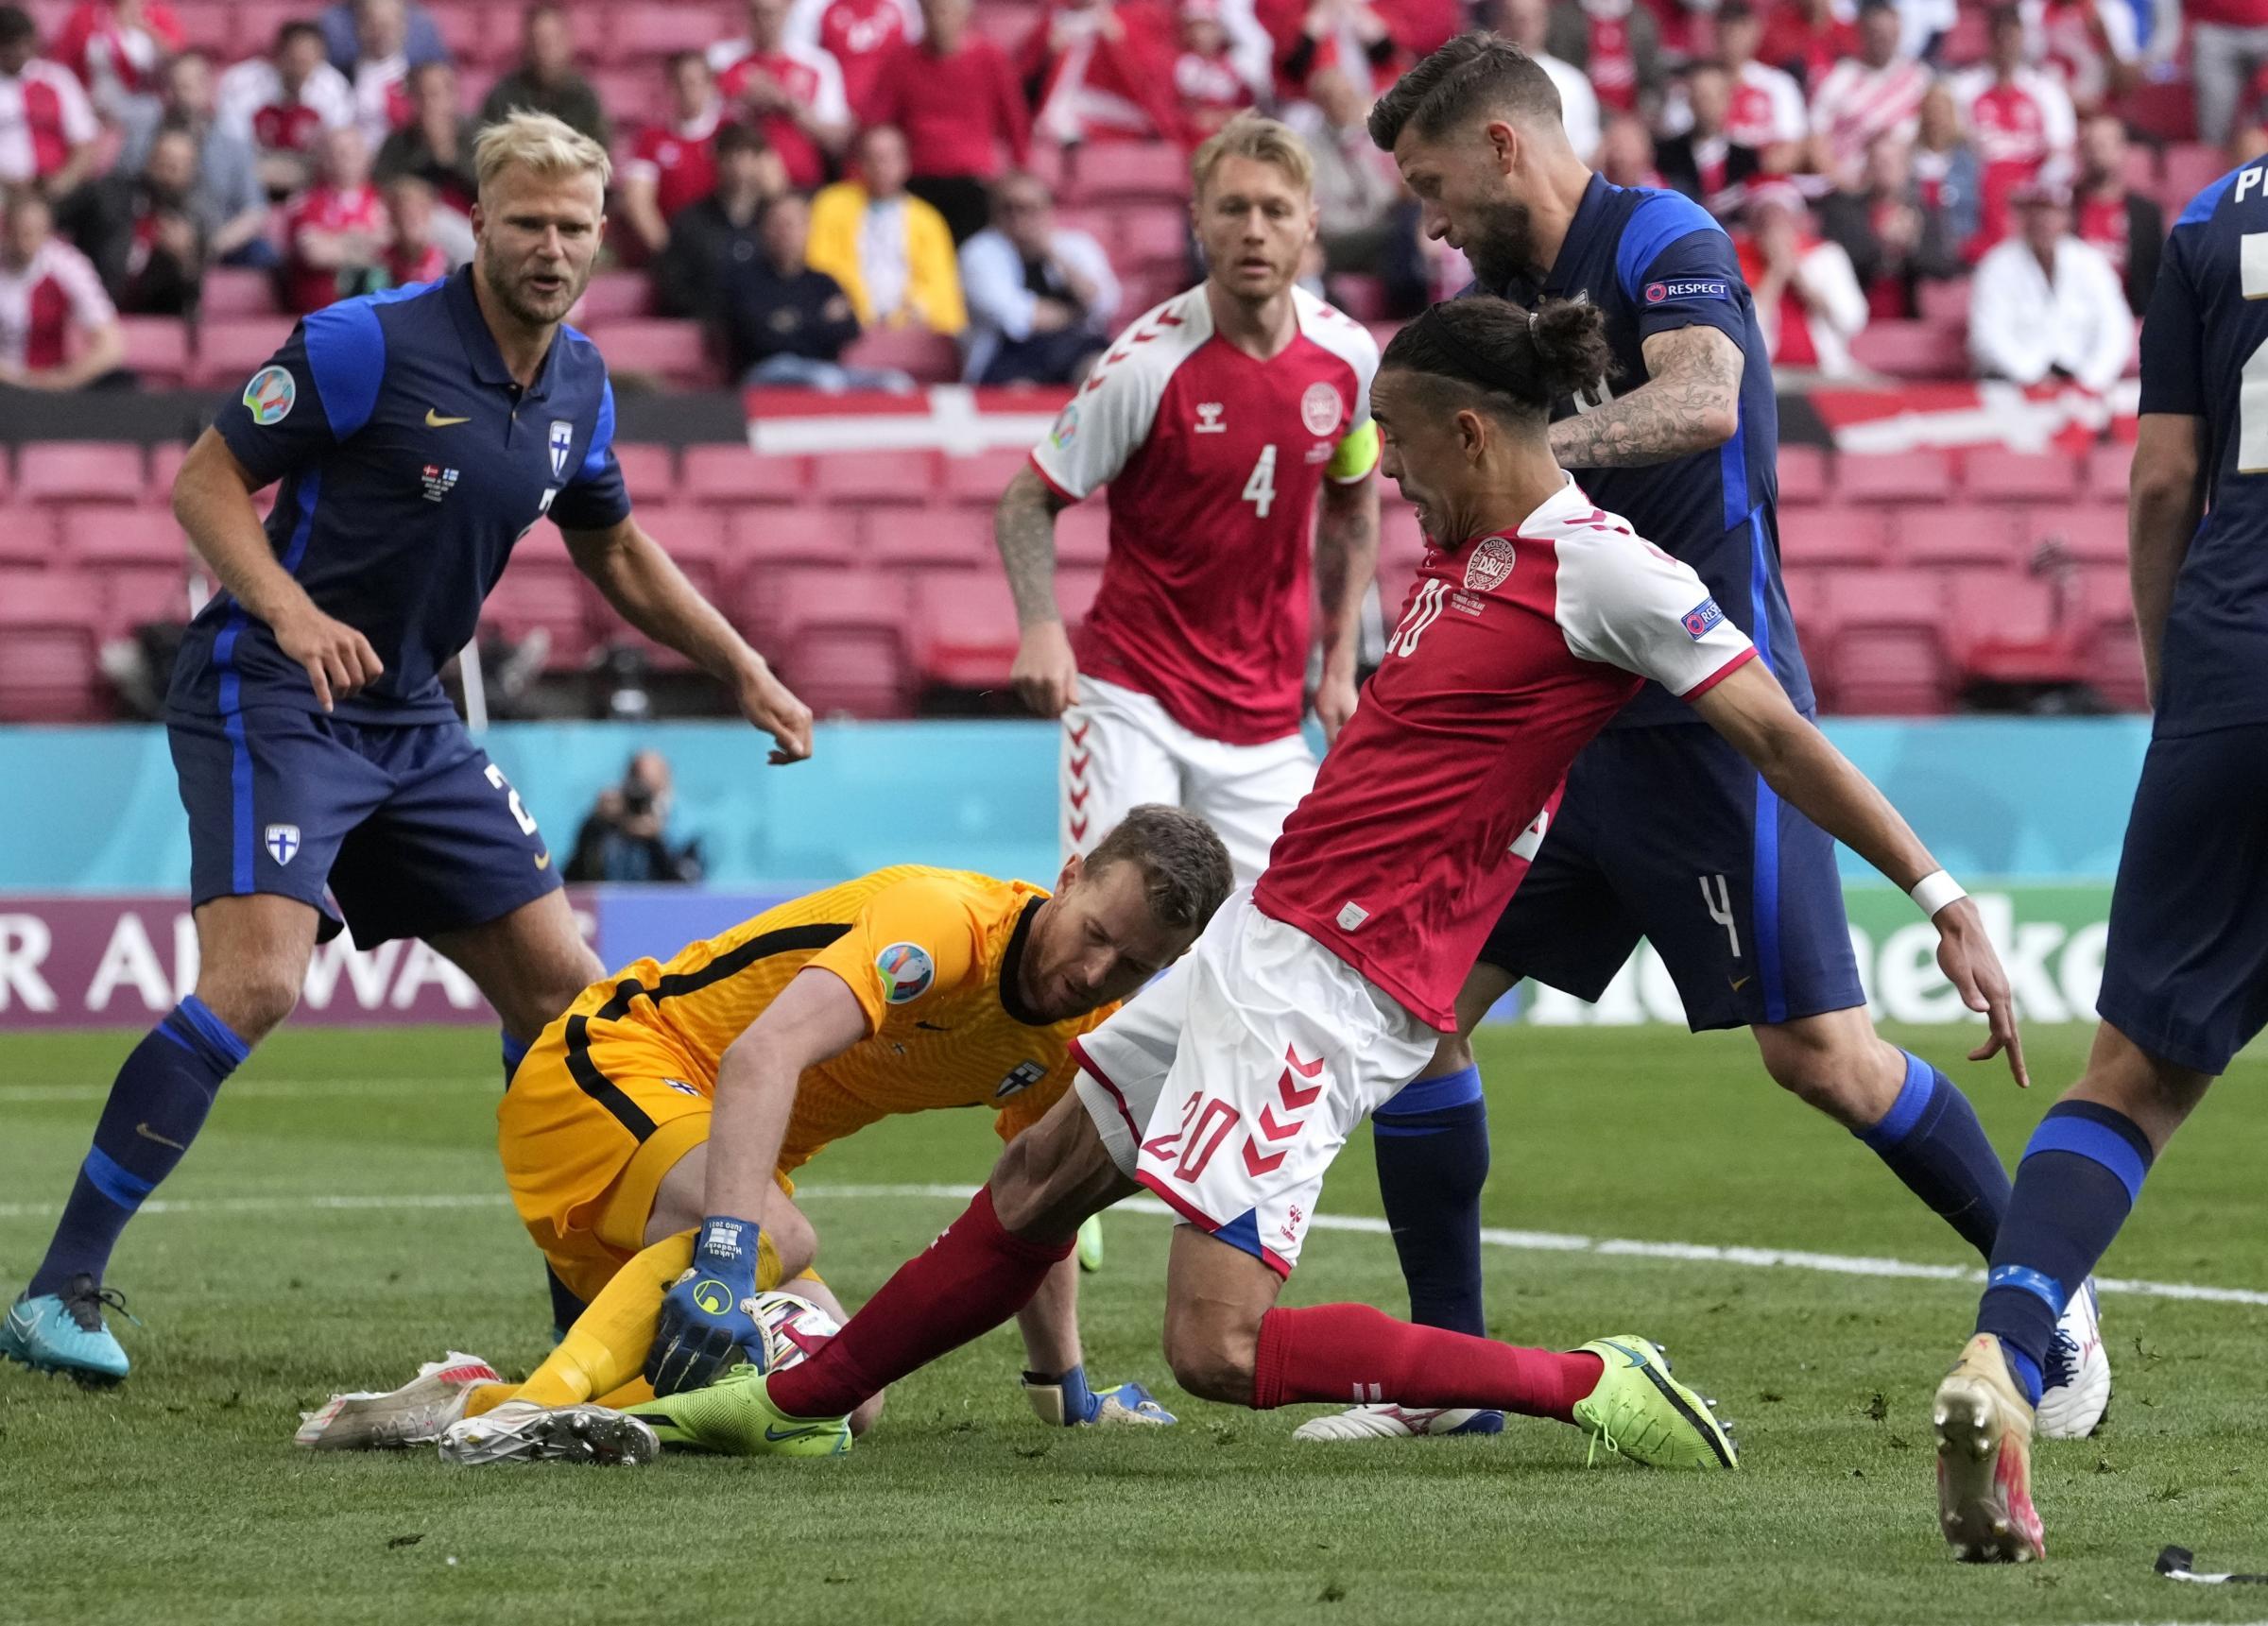 LIVE Danimarca Finlandia, Europei calcio 2021 in DIRETTA: Eriksen è cosciente dopo esser caduto da solo